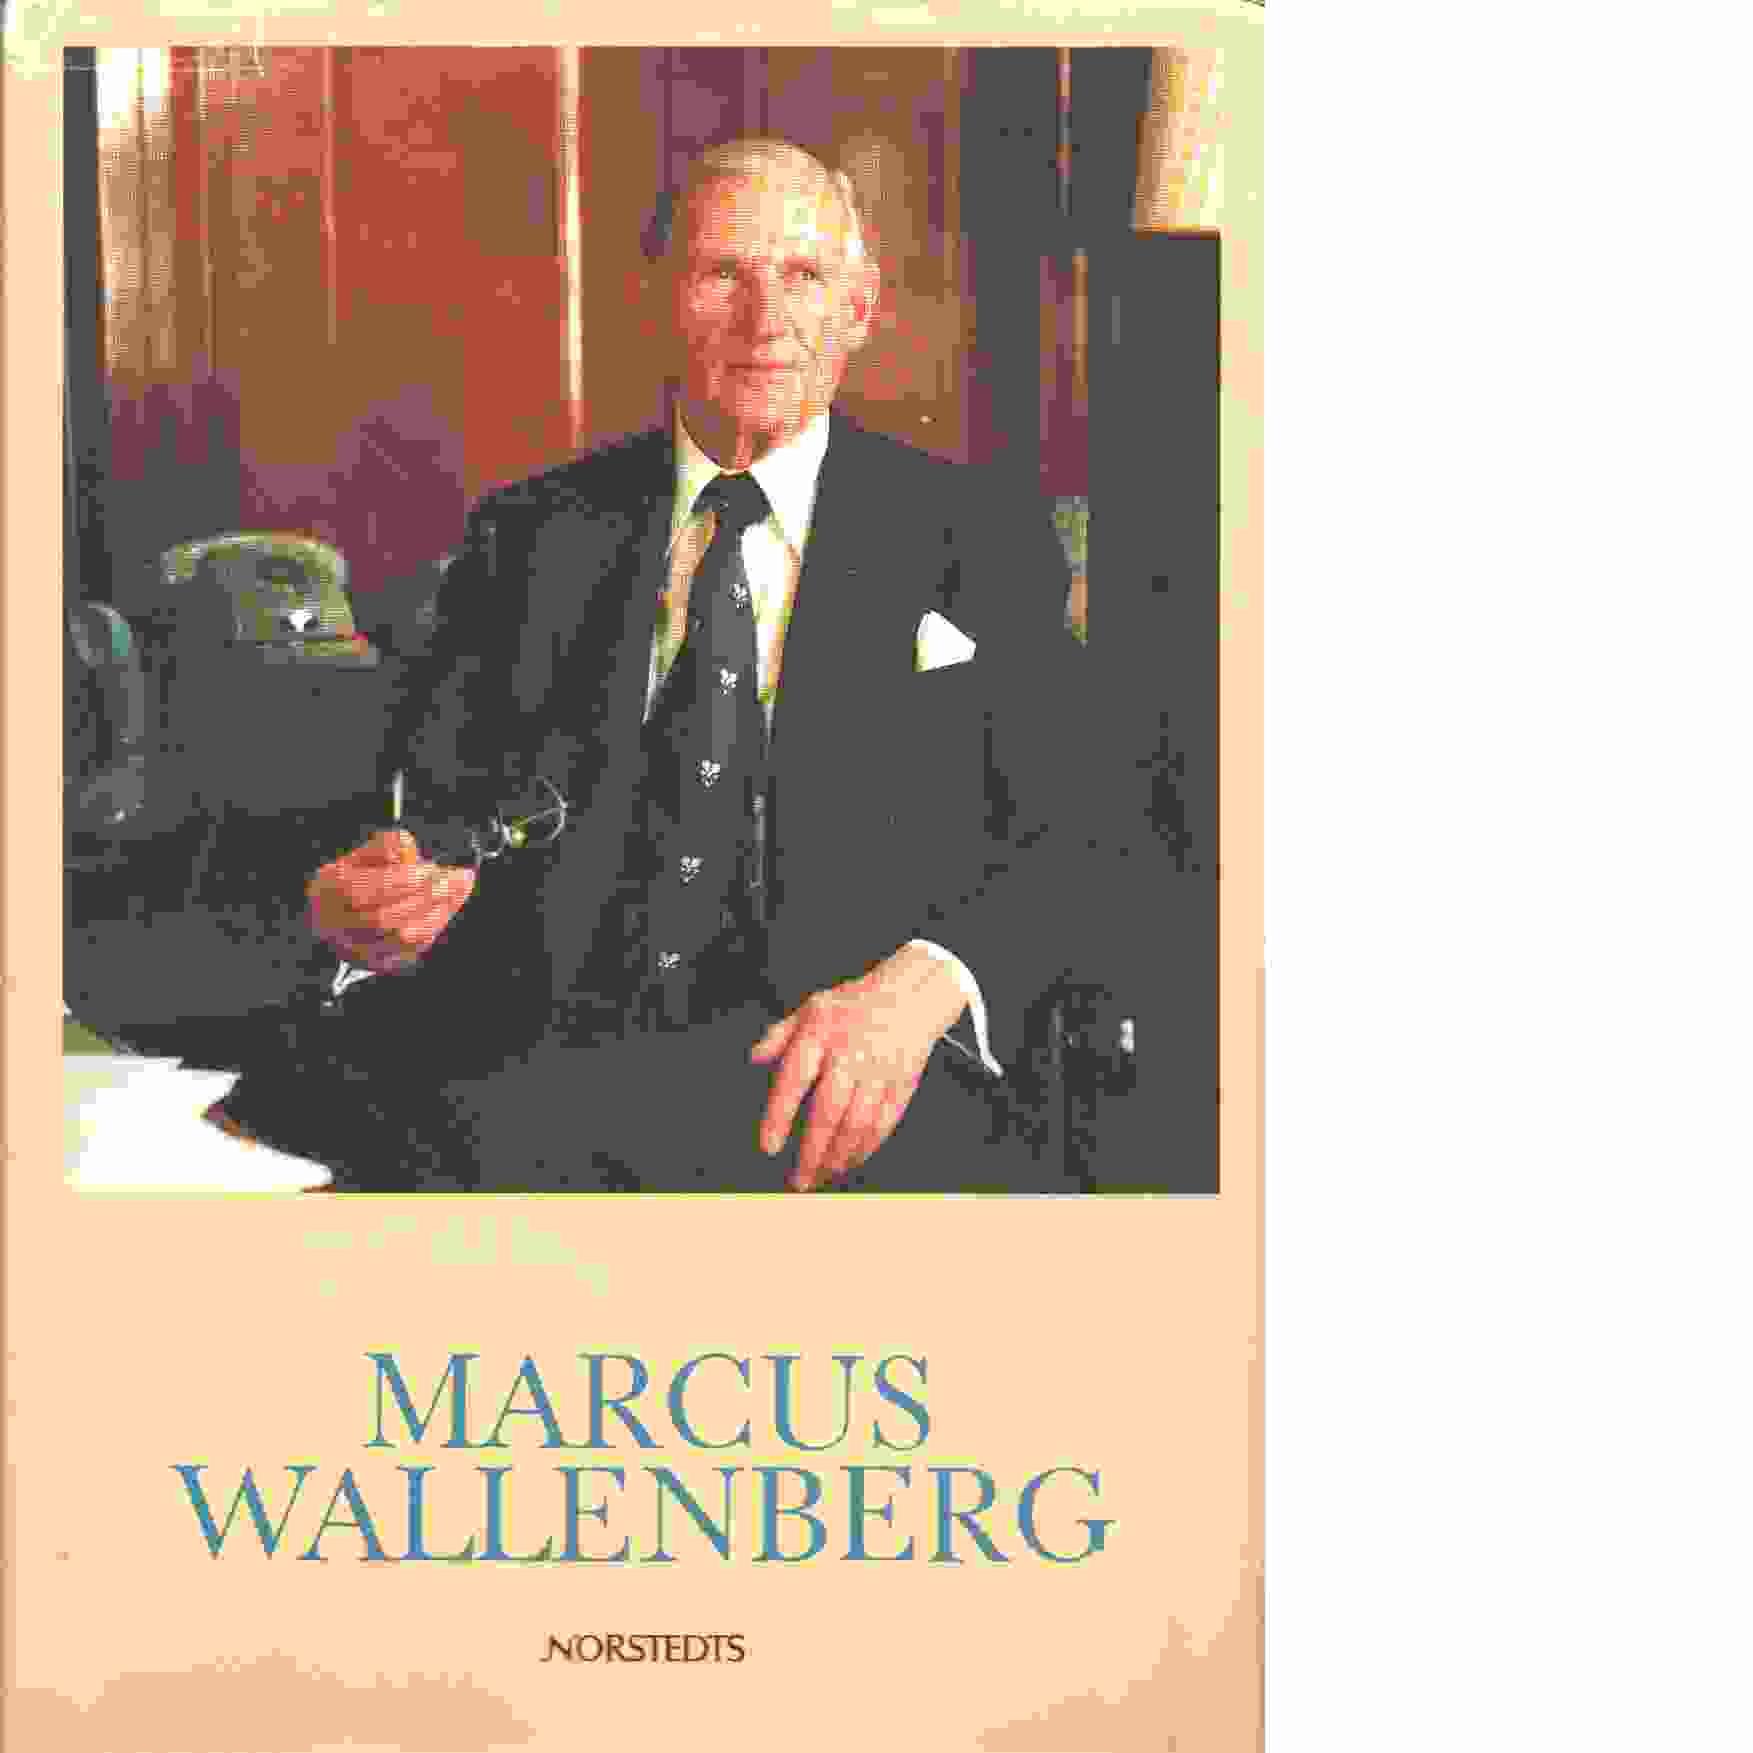 Marcus Wallenberg : en bildberättelse  - Segerstedt, Torgny T och Rydberg, Sven, samt Skole, Robert